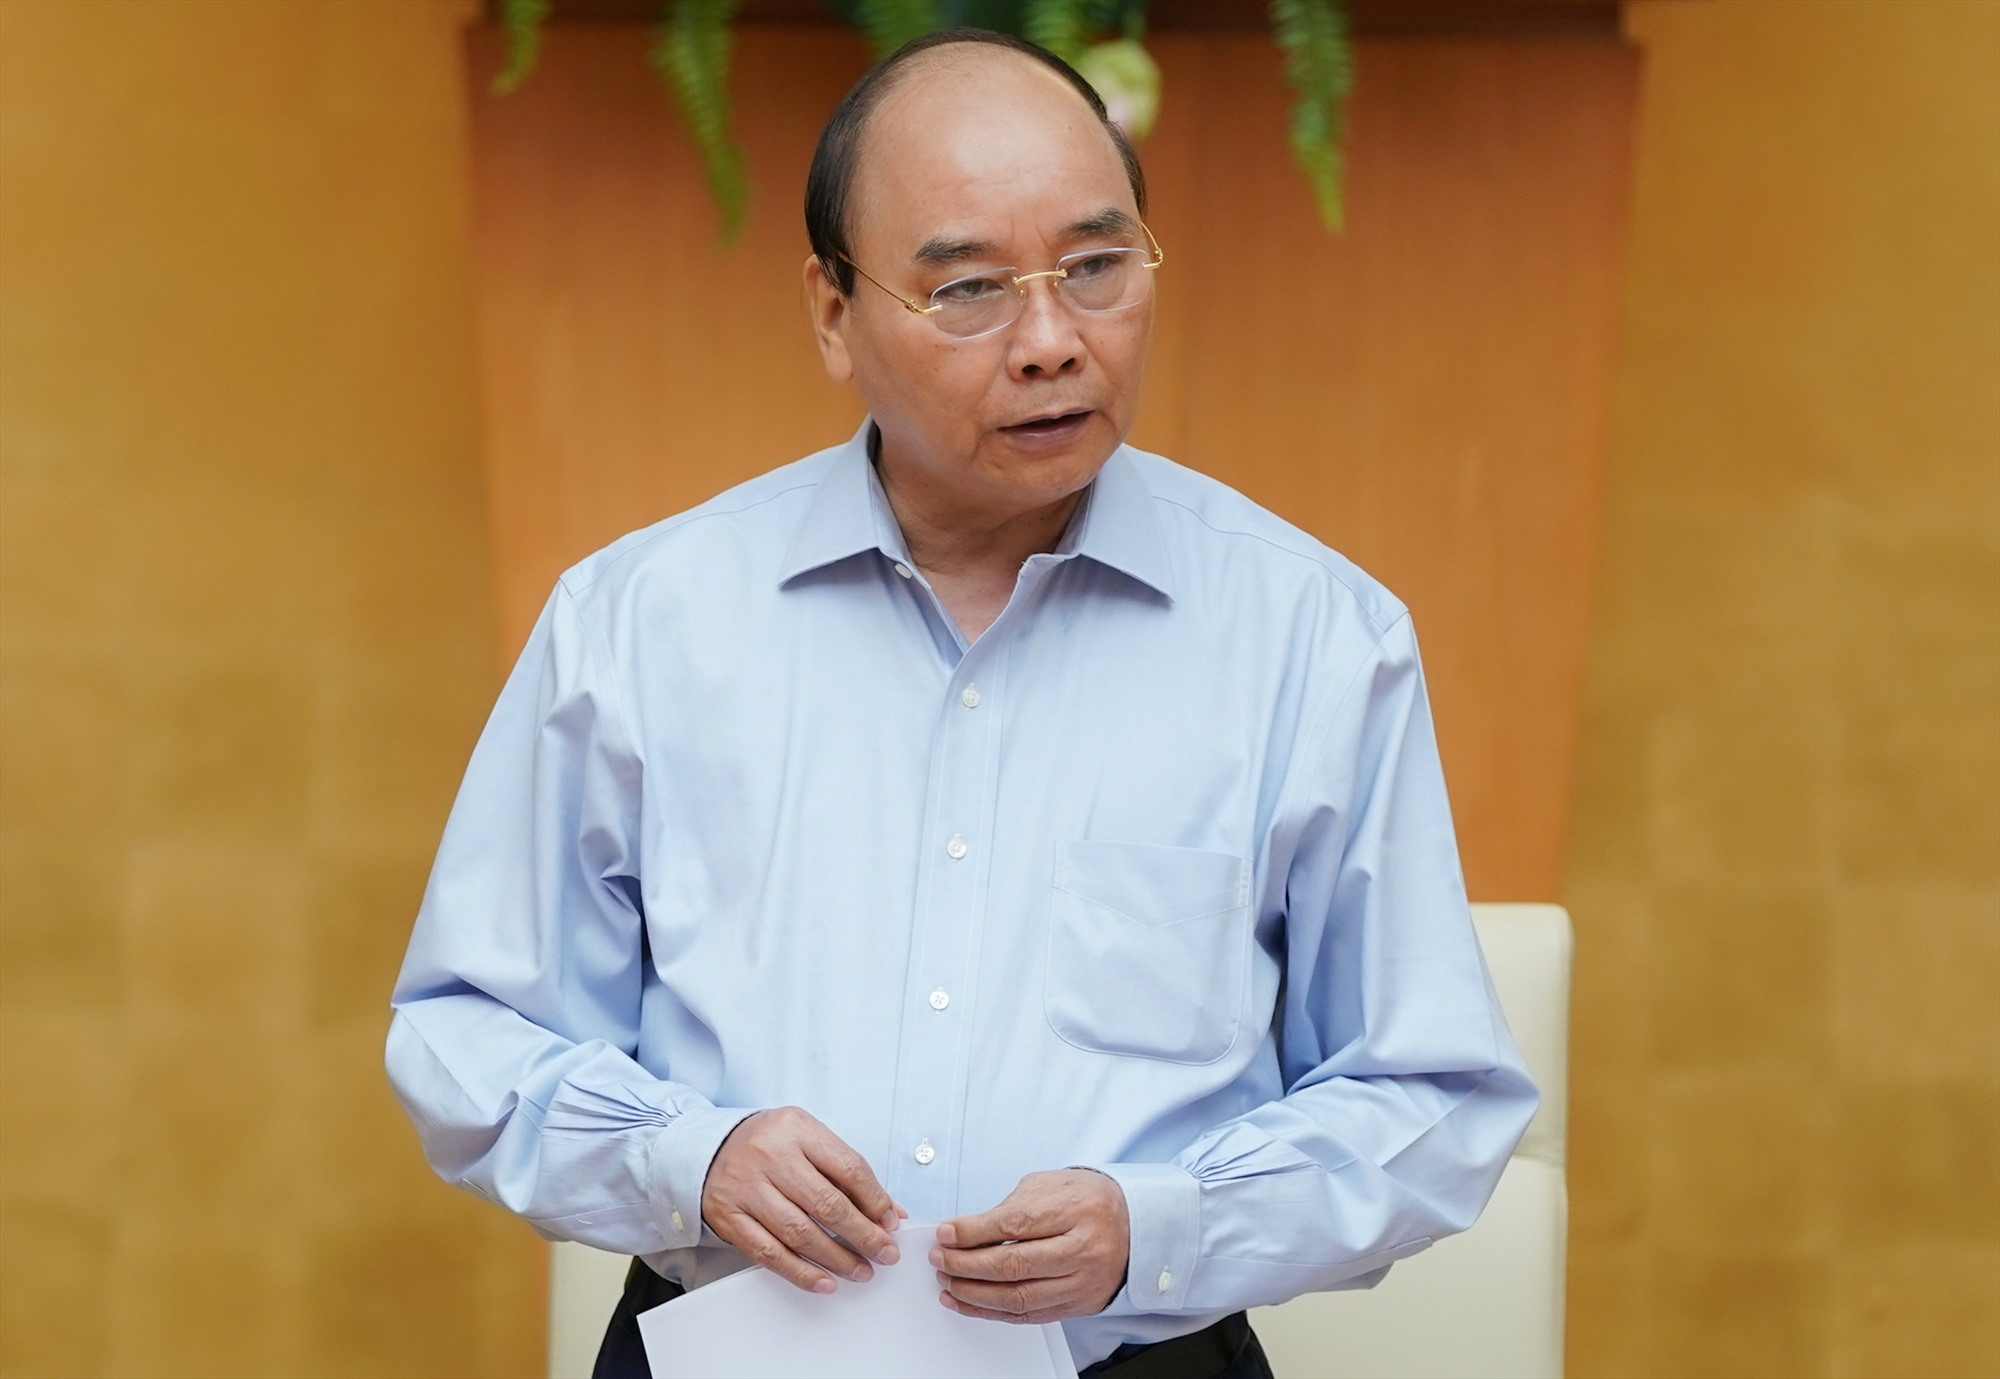 Thủ tướng Nguyễn Xuân Phúc phát biểu tại cuộc họp - Ảnh: VGP/Quang Hiếu